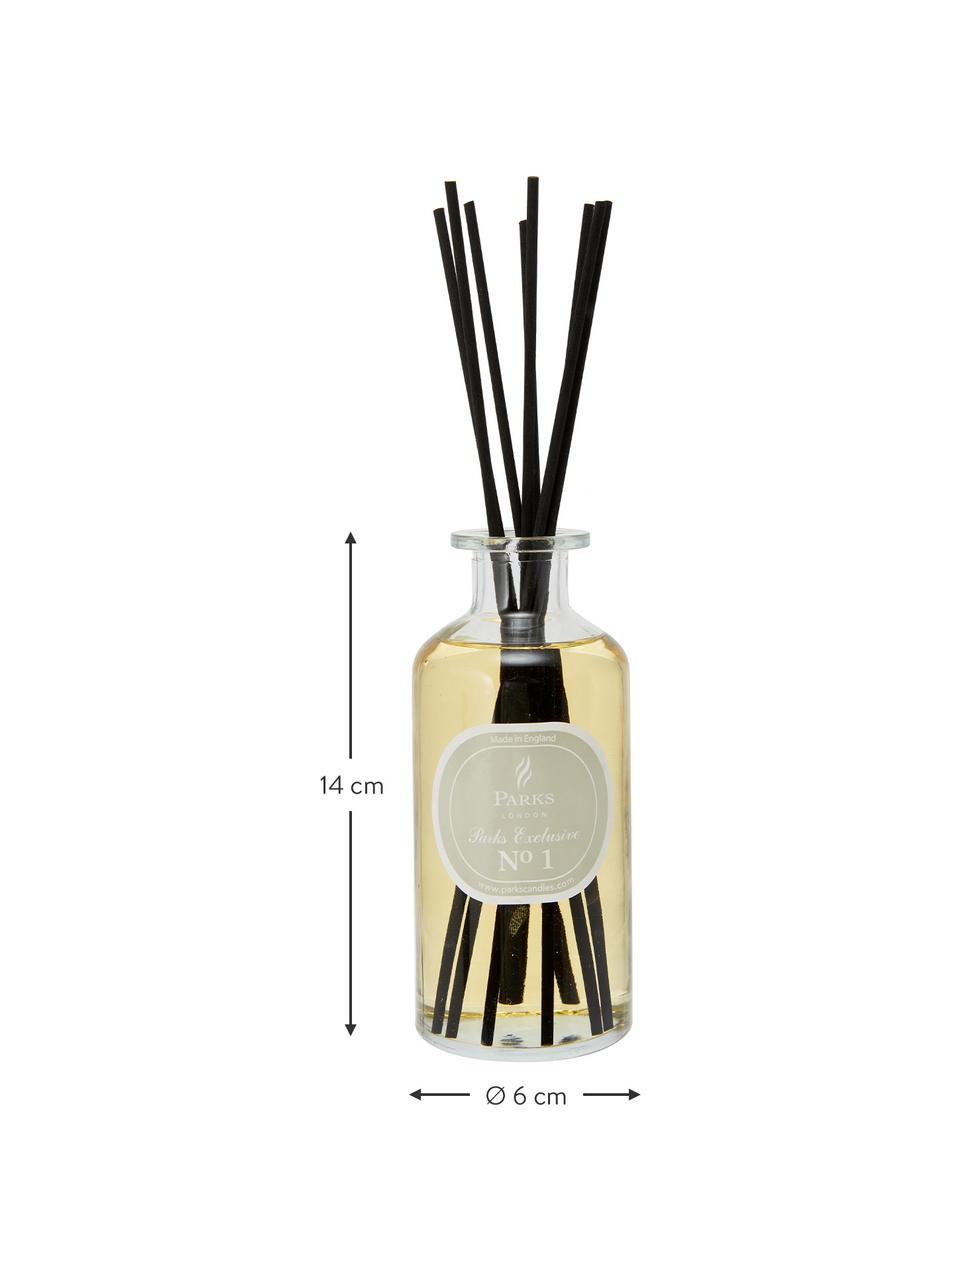 Dyfuzor zapachowy Parks Exclusive No.1 (drzewo sandałowe i wanilia), Transparentny, jasny brązowy, szary, 250 ml